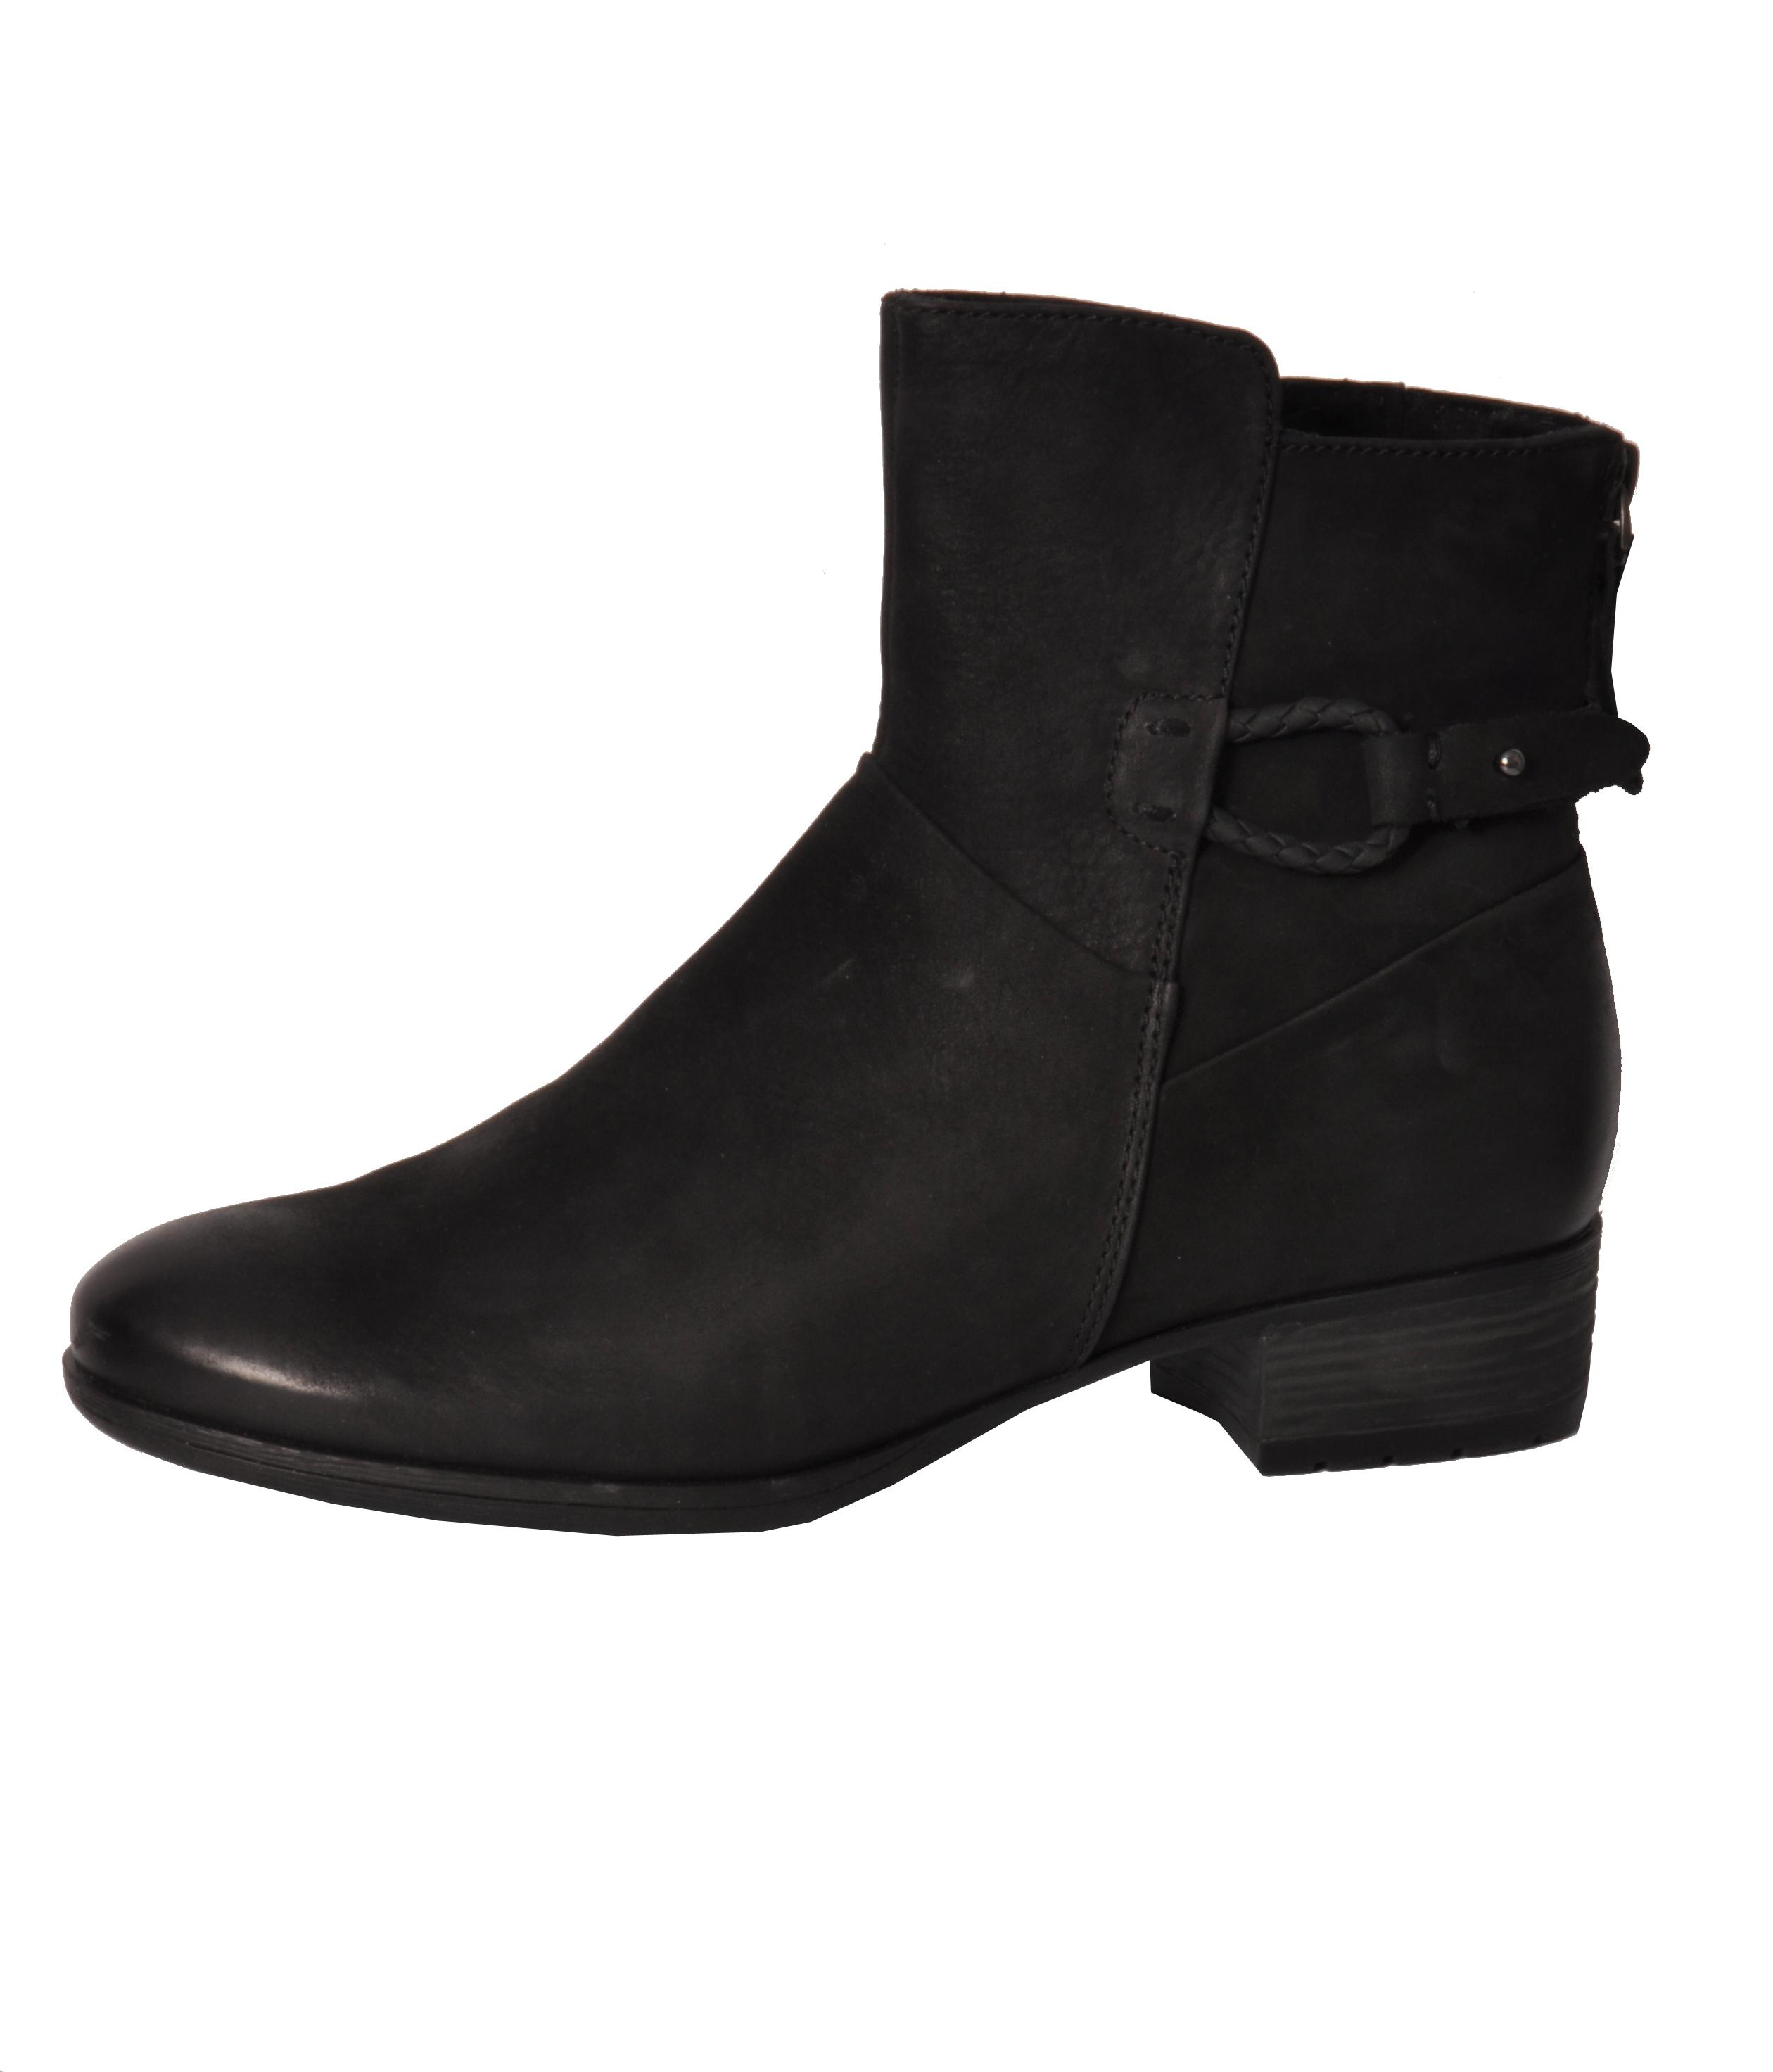 Stiefeletten Chelsea Boots Reichersbeuern schwarz Leder Caprice